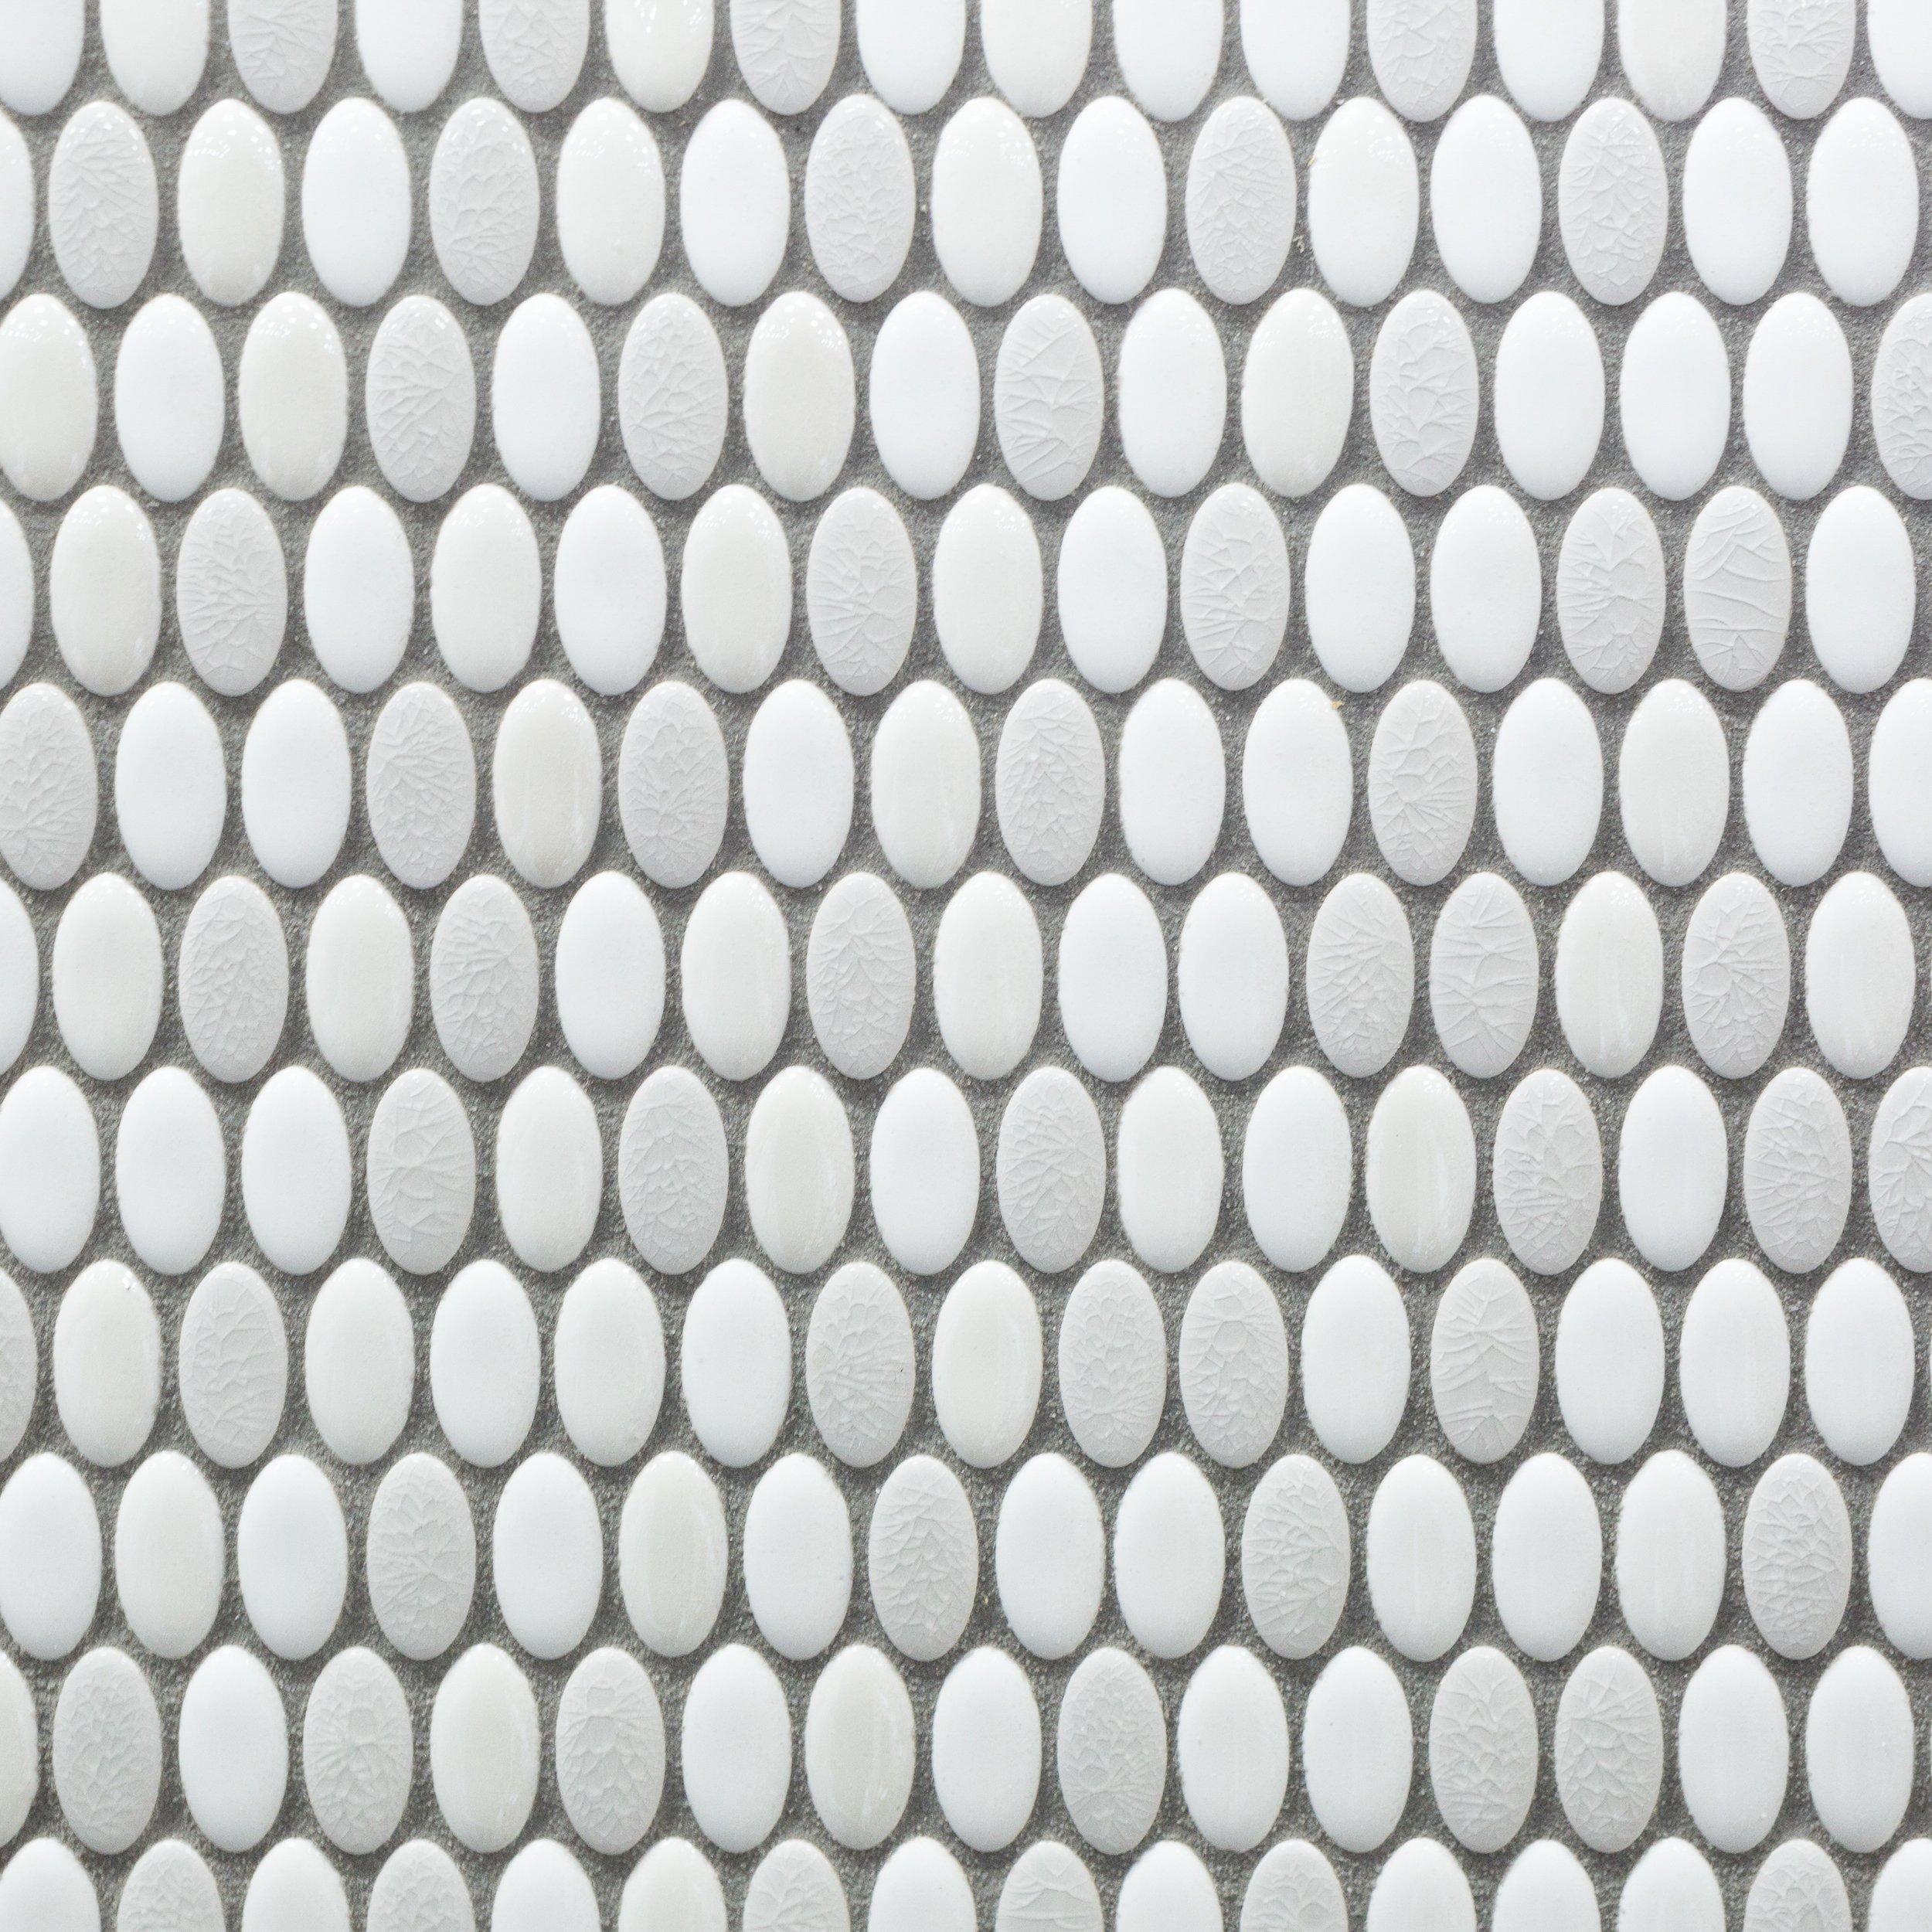 Abalone Ellipse Ceramic Mosaic Mosaic Decorative Tile Backsplash Mosaic Glass